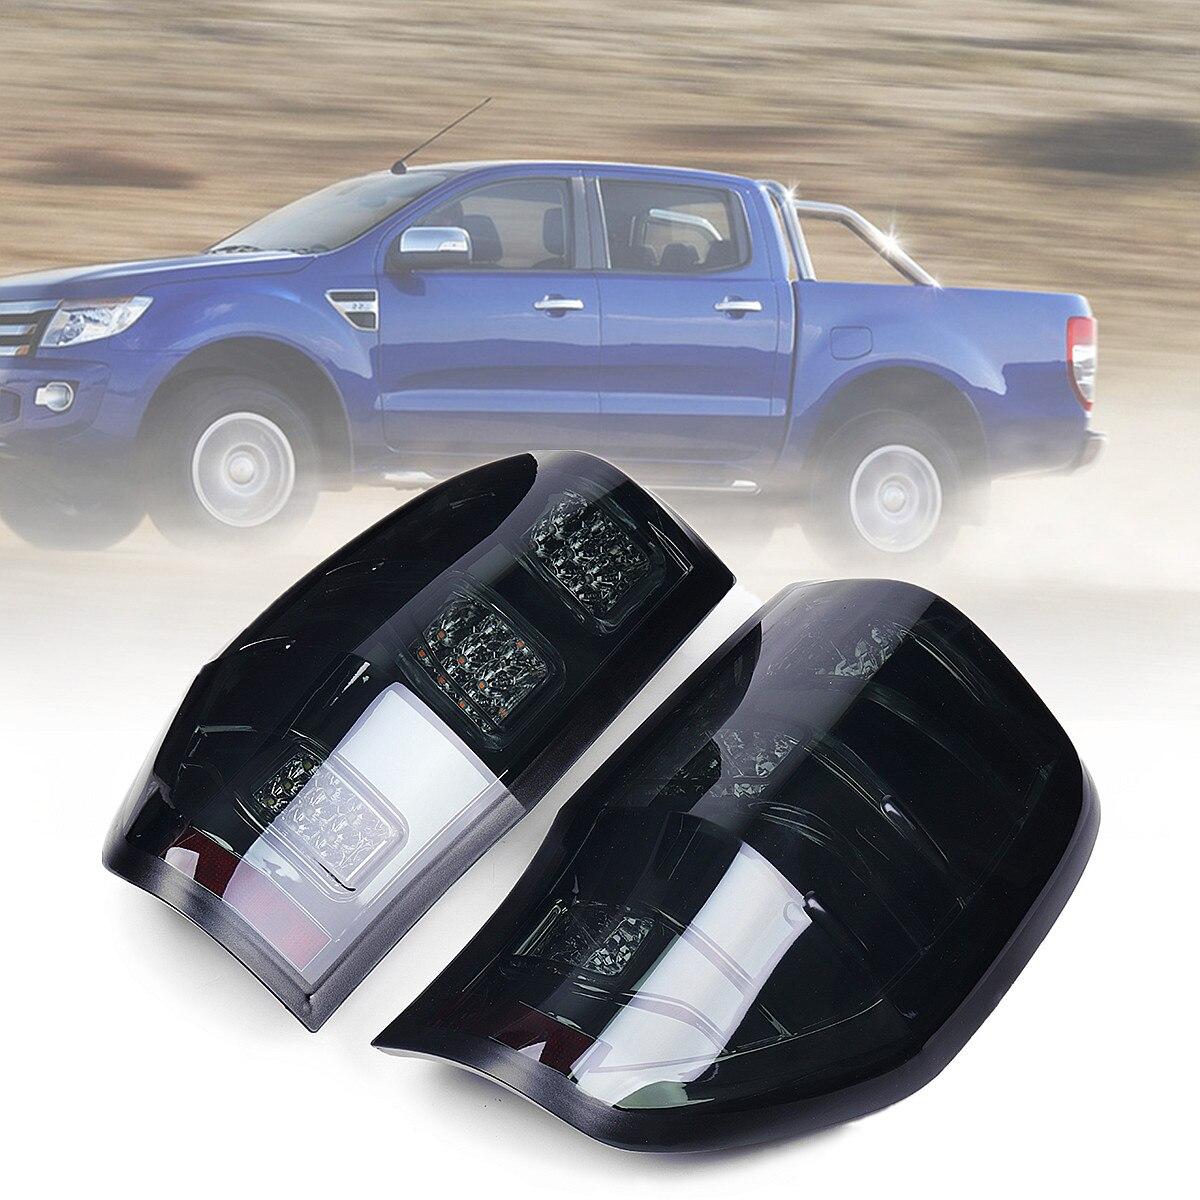 Autoleader 2 шт. автомобиля светодиодный сзади задние фонари стоп Копченый для авто Ford Ranger 2012 2018 света ABS размеры приблизительно 27 х 43 см